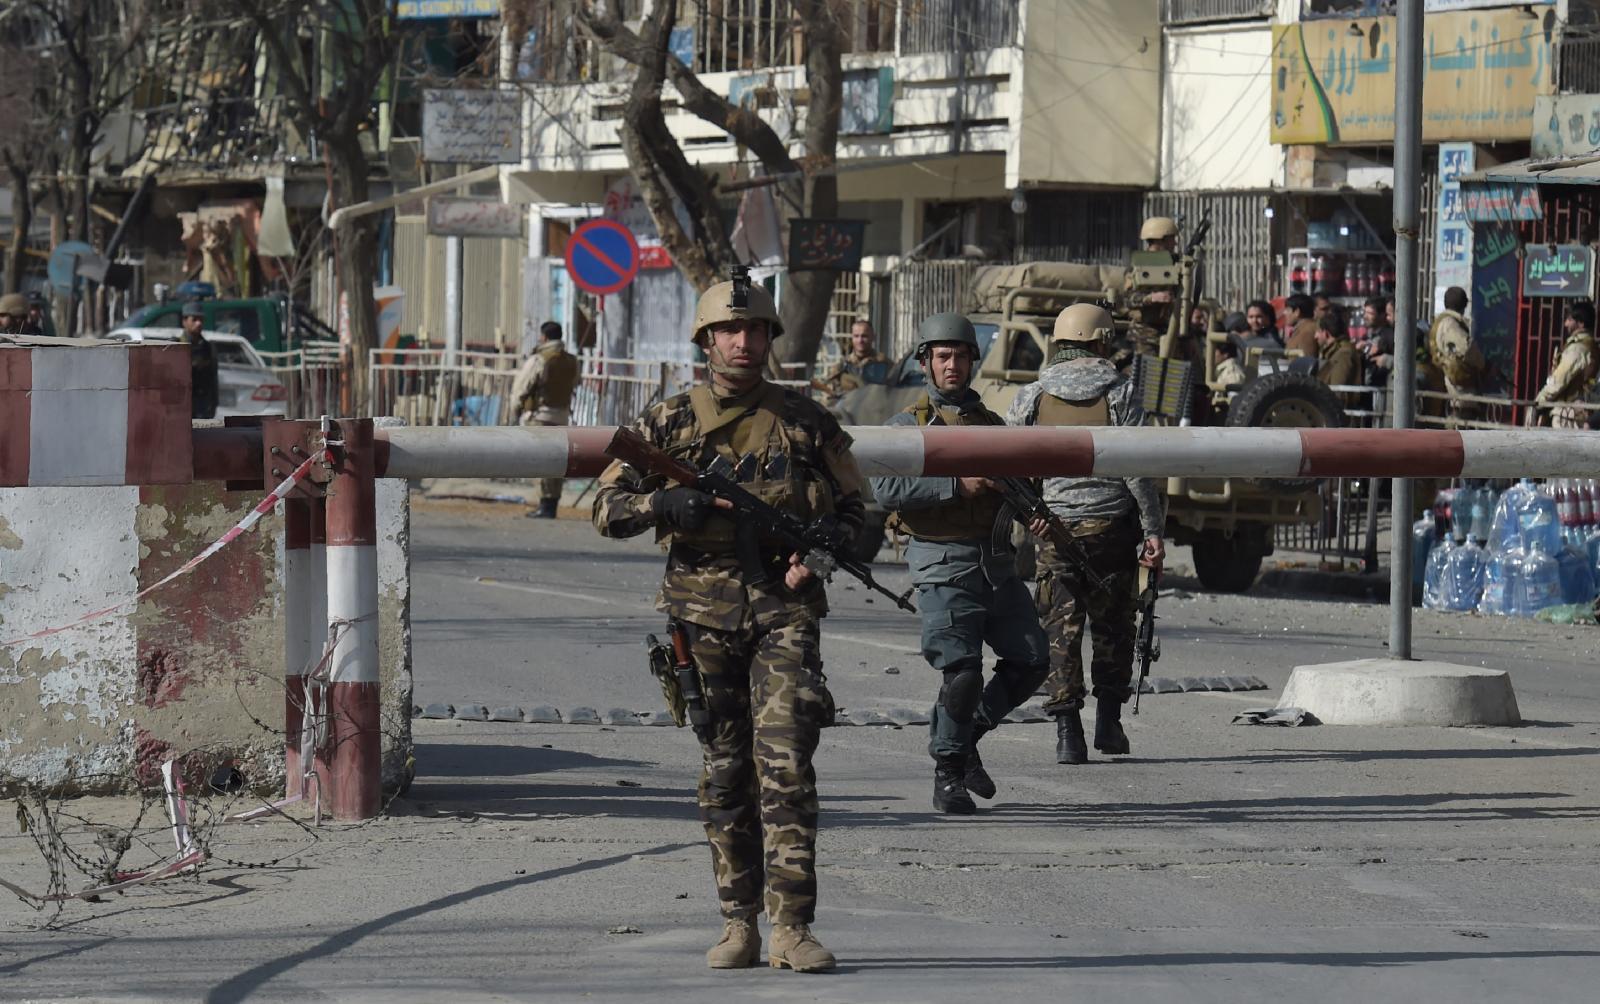 ตาลีบันประกาศชัยเหนือกองทัพ รบ.อัฟกานิสถาน